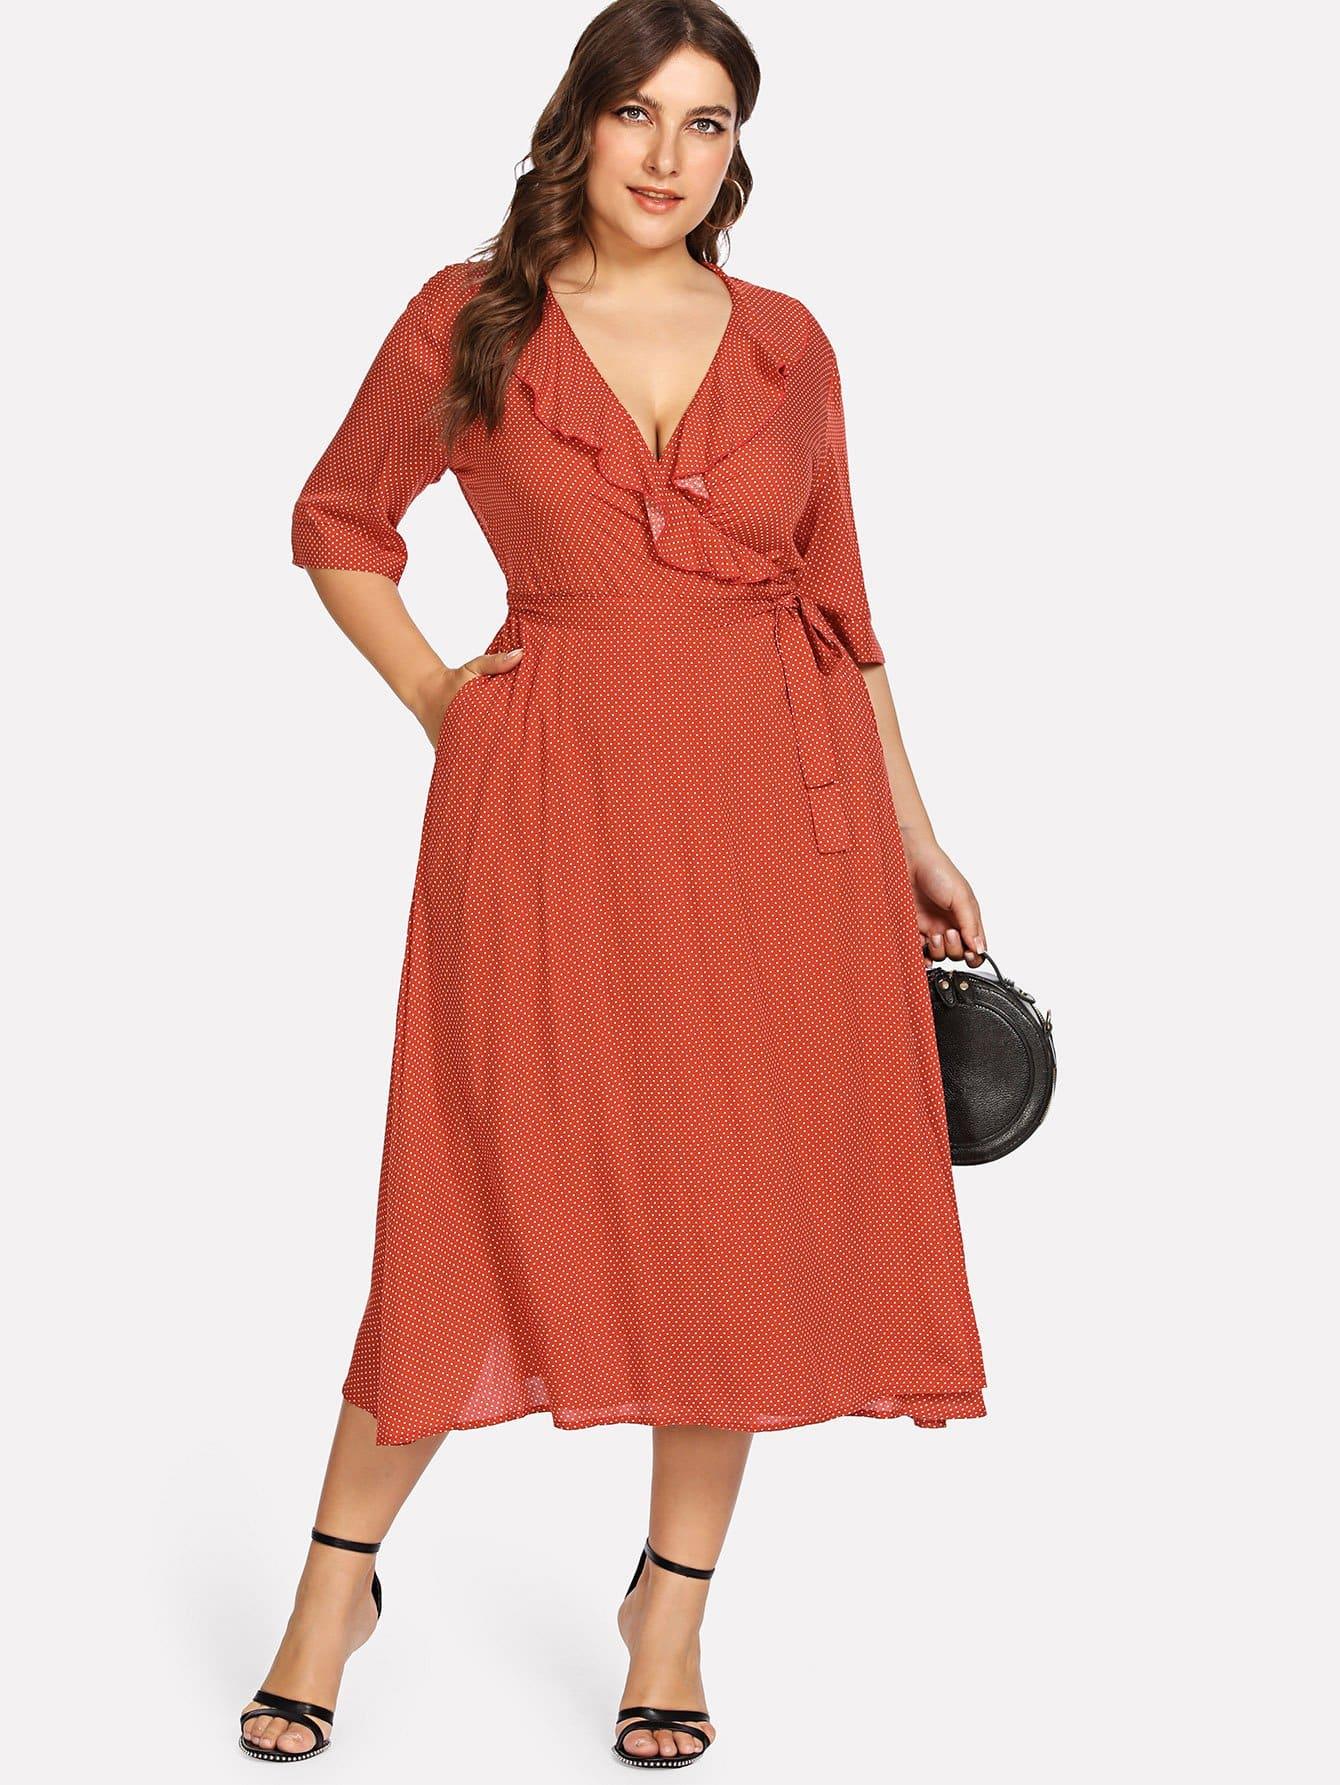 Купить Ruffle V-образным вырезом Polka Dot Wrap Dress, Franziska, SheIn